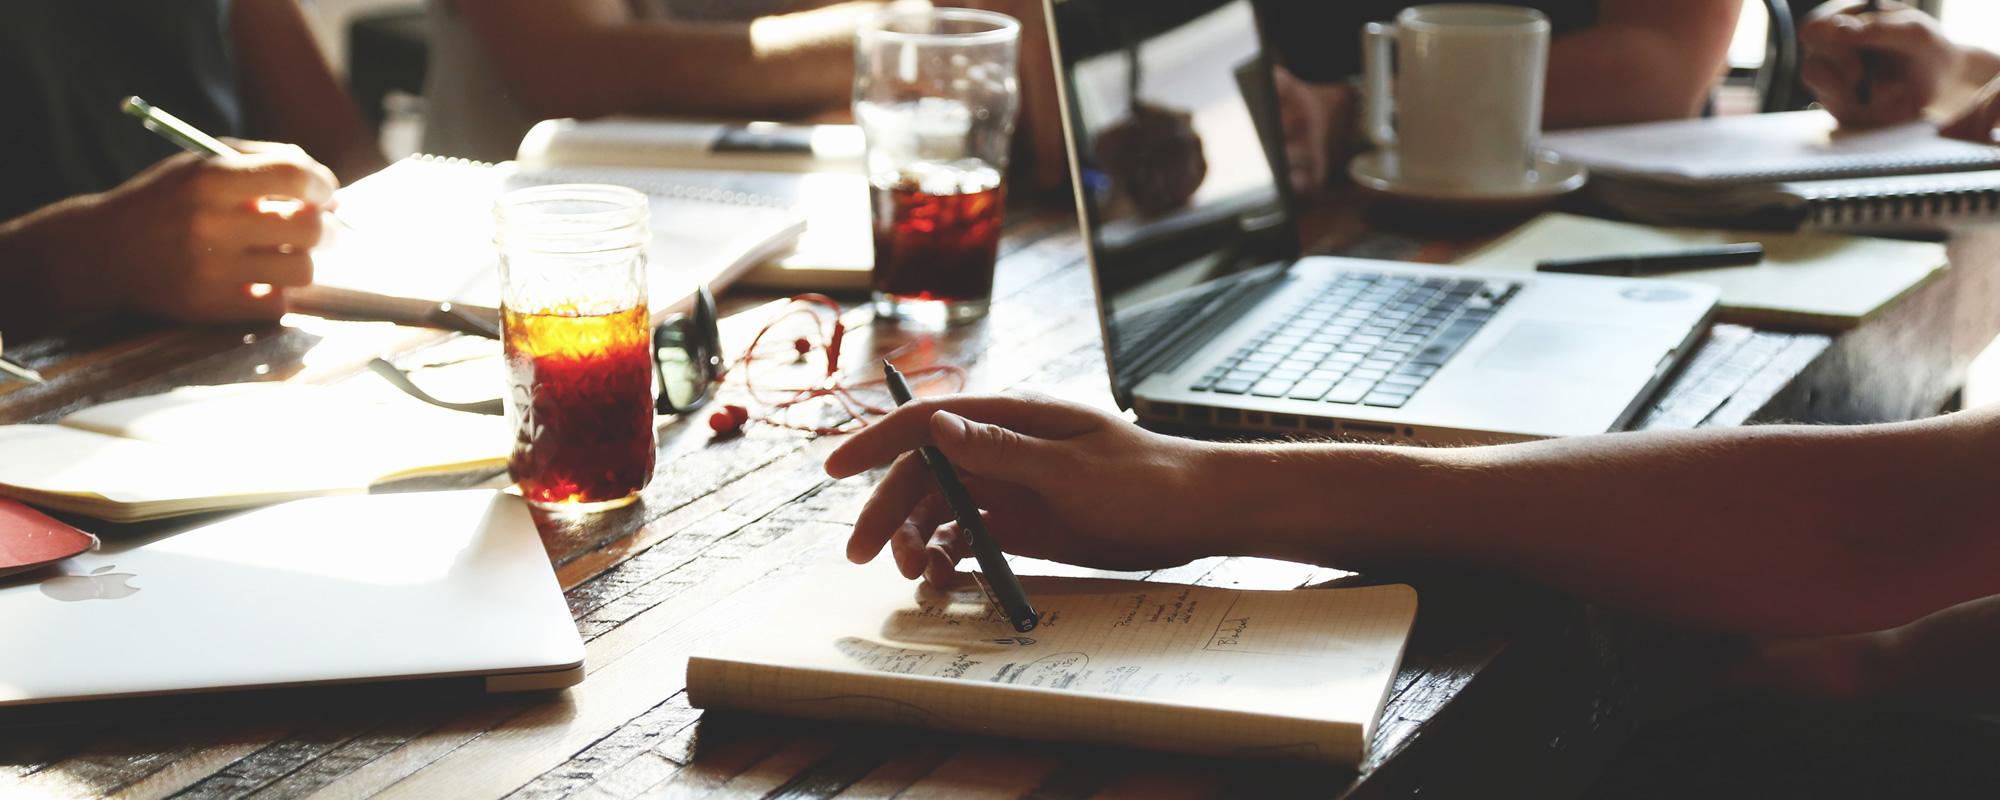 פרסום בגוגל – הבסיס שצריך להכיר